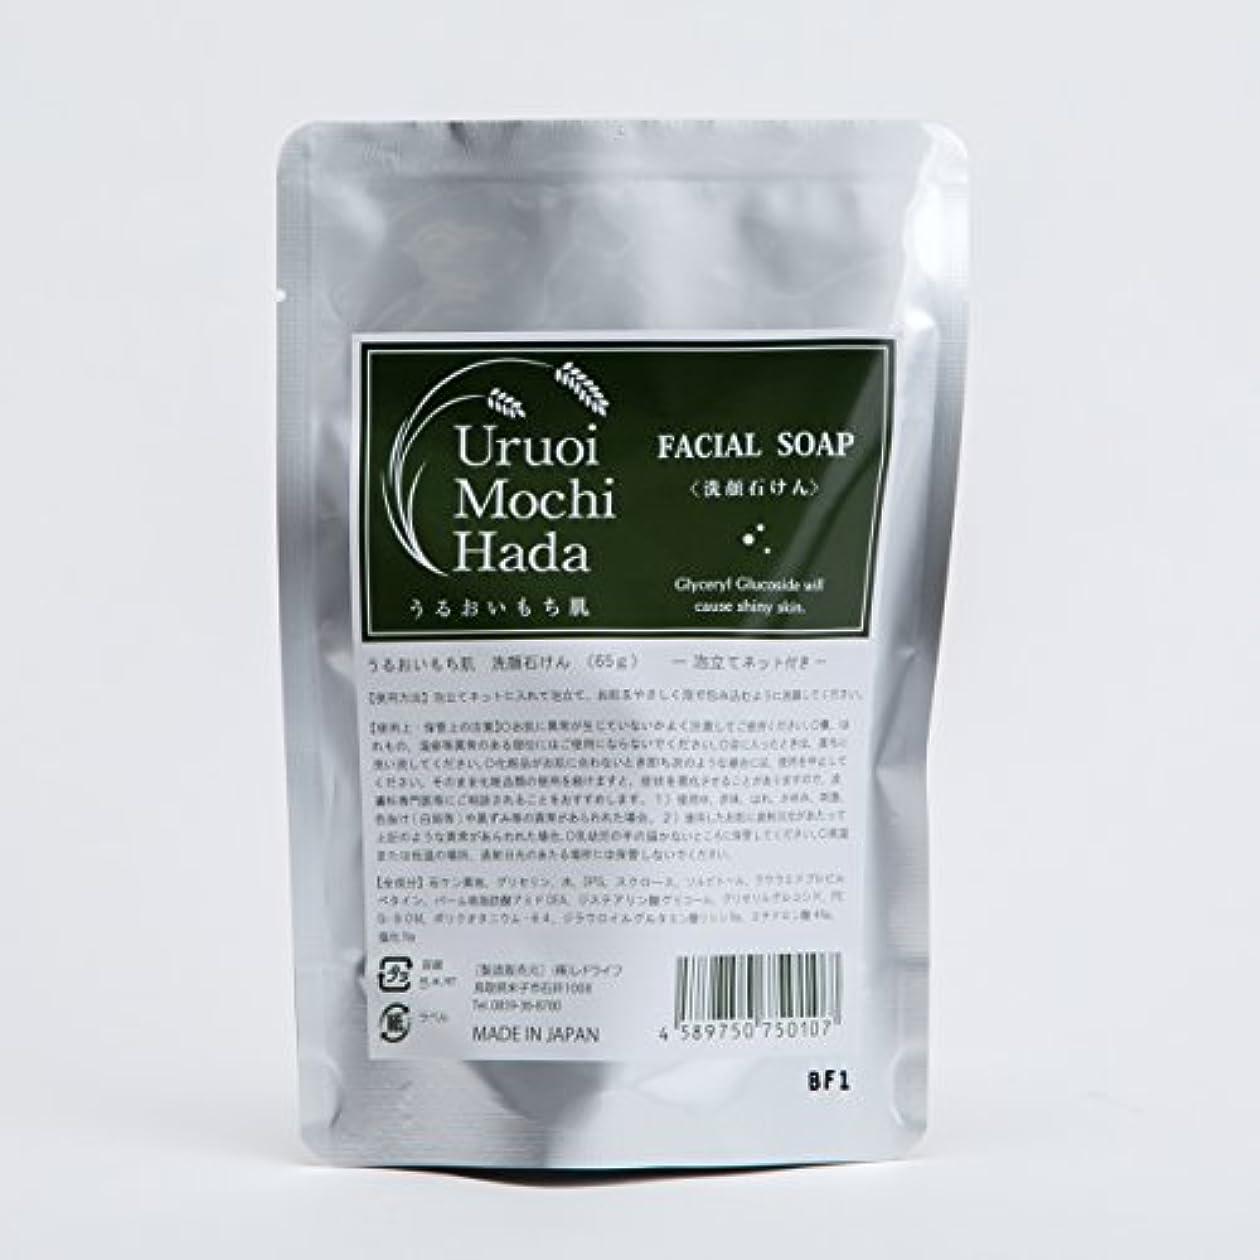 ディレイなめるルーうるおいもち肌 洗顔石けん(泡立てネット付き) 65g 「日本酒保湿成分(グリセリルグルコシド)配合」「4種の天然成分配合:グリセリン、スクロース、ソルビトール、食塩」「無添加:合成香料、合成着色料、鉱物油、シリコン、酸化防止剤...